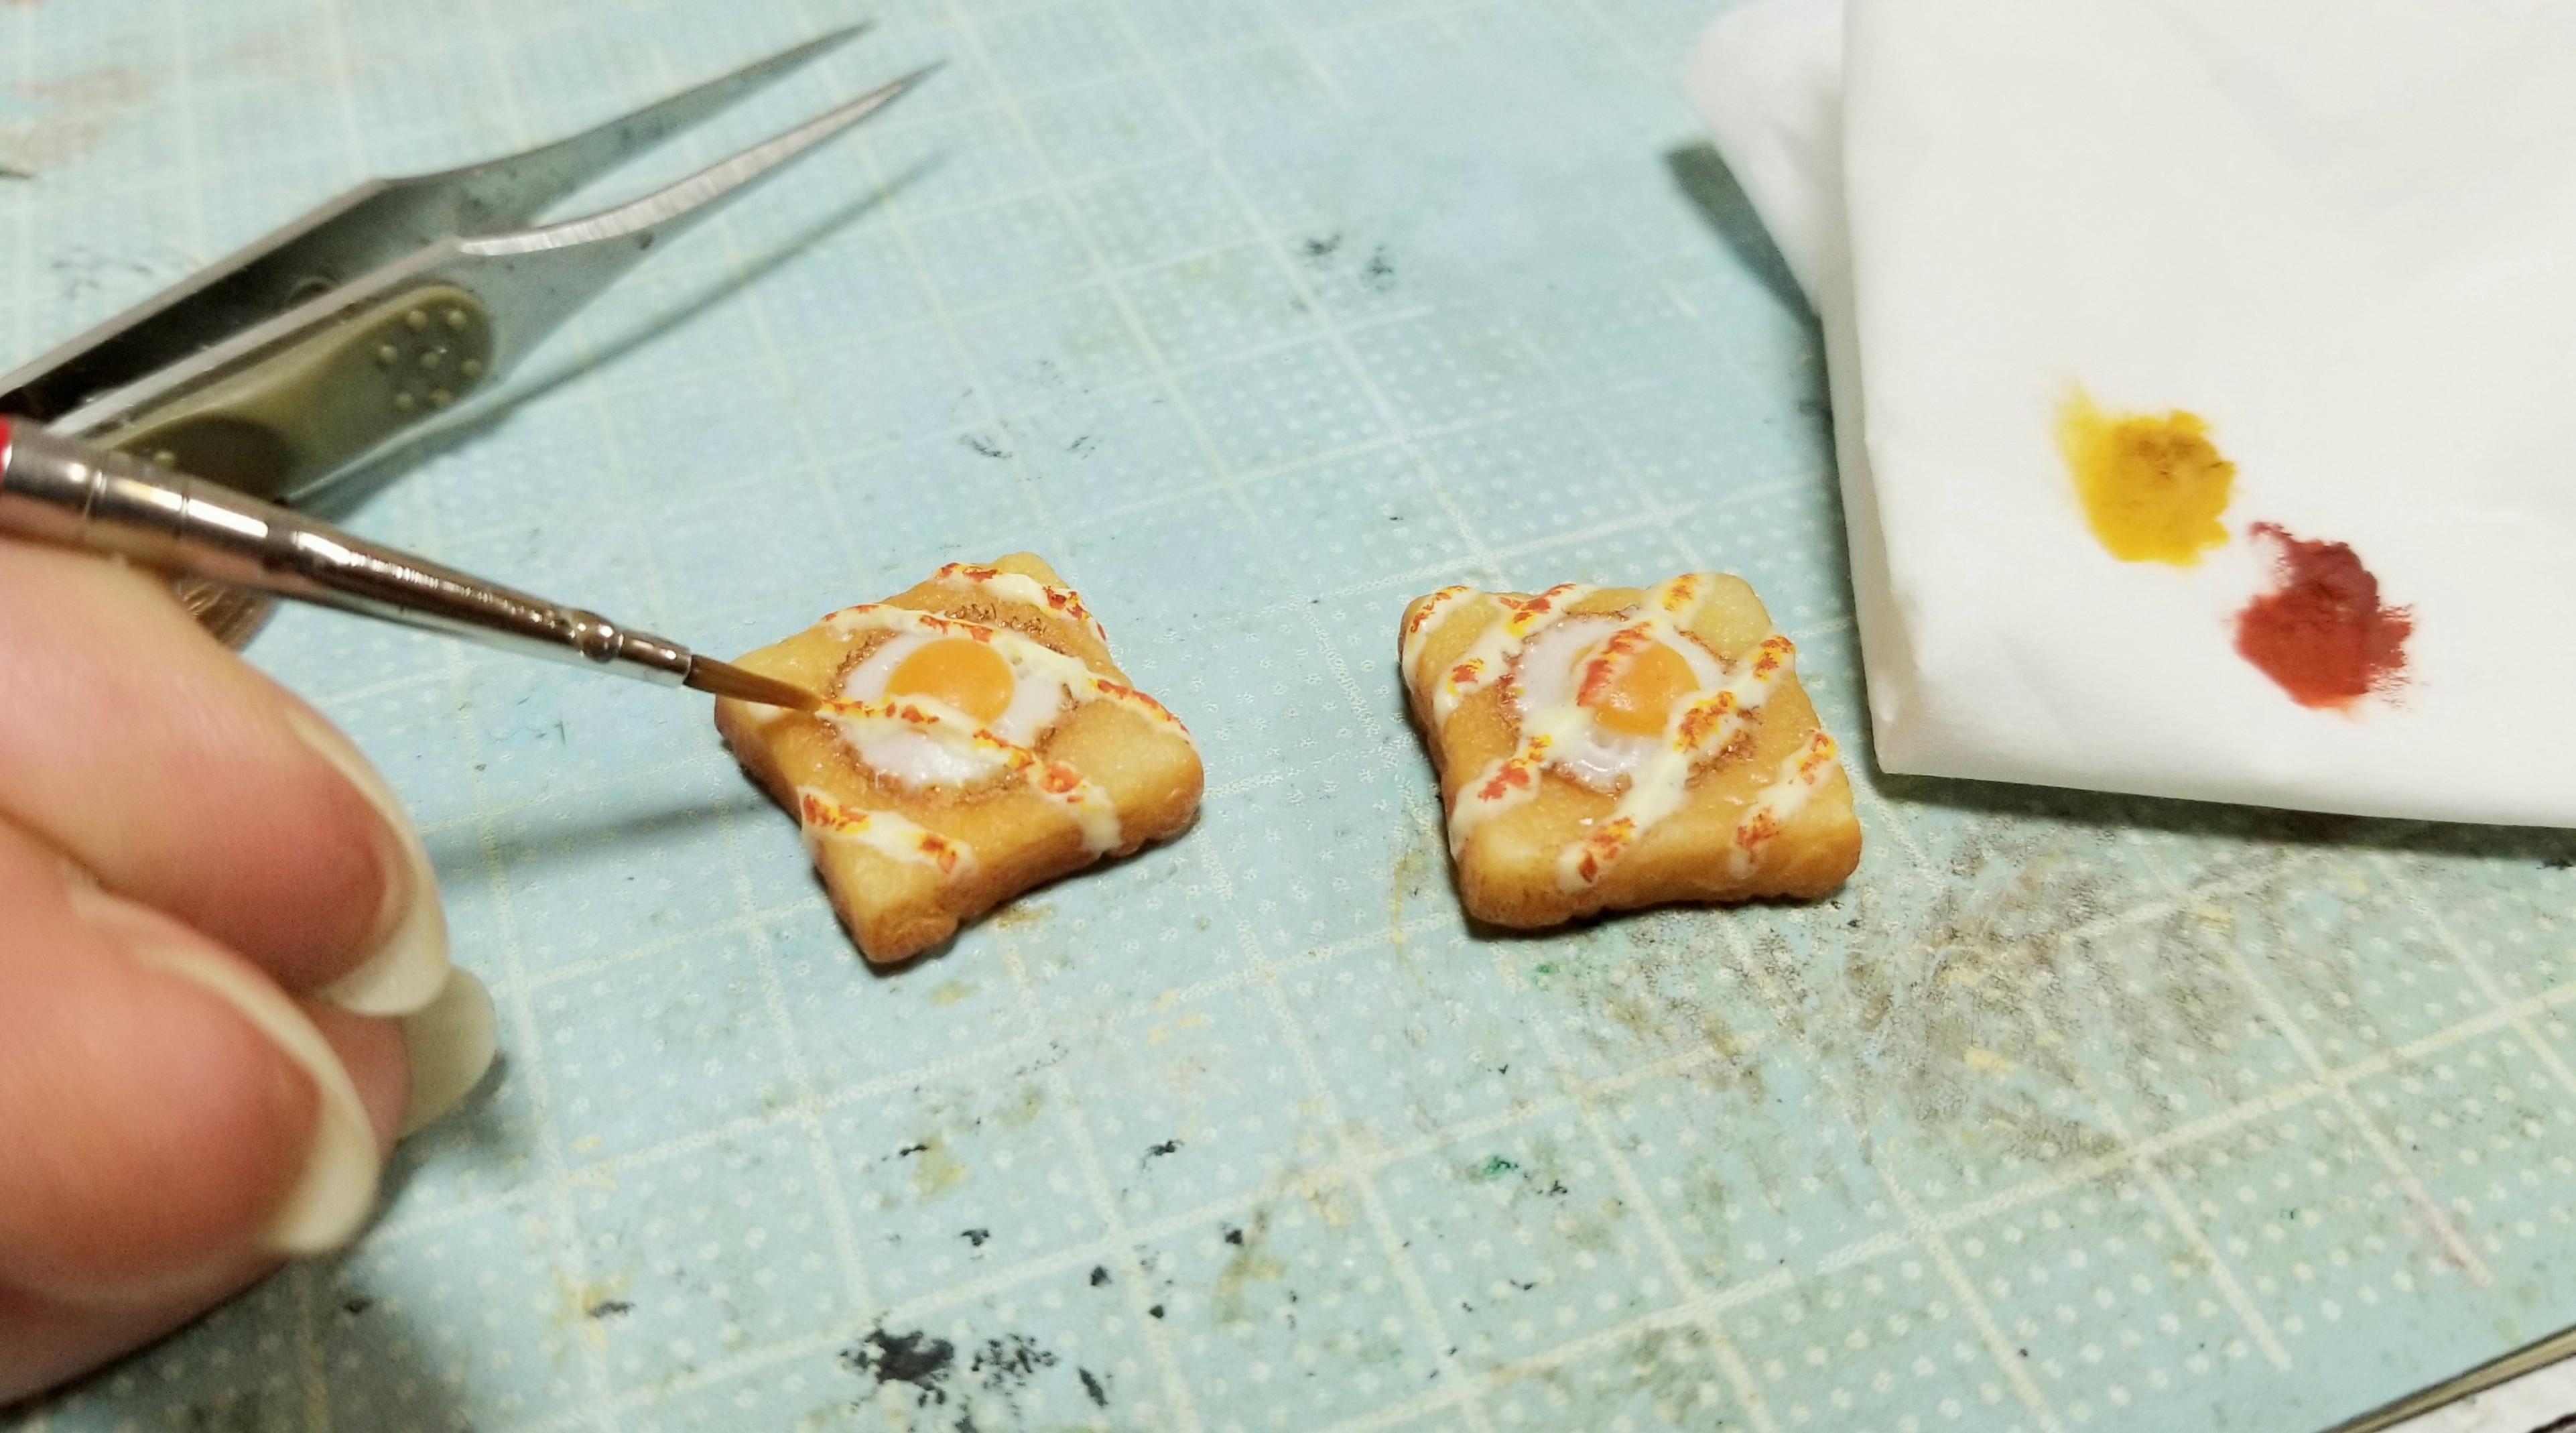 ミニチュアフード食パントースト作り方樹脂粘土小さいかわいい物好き